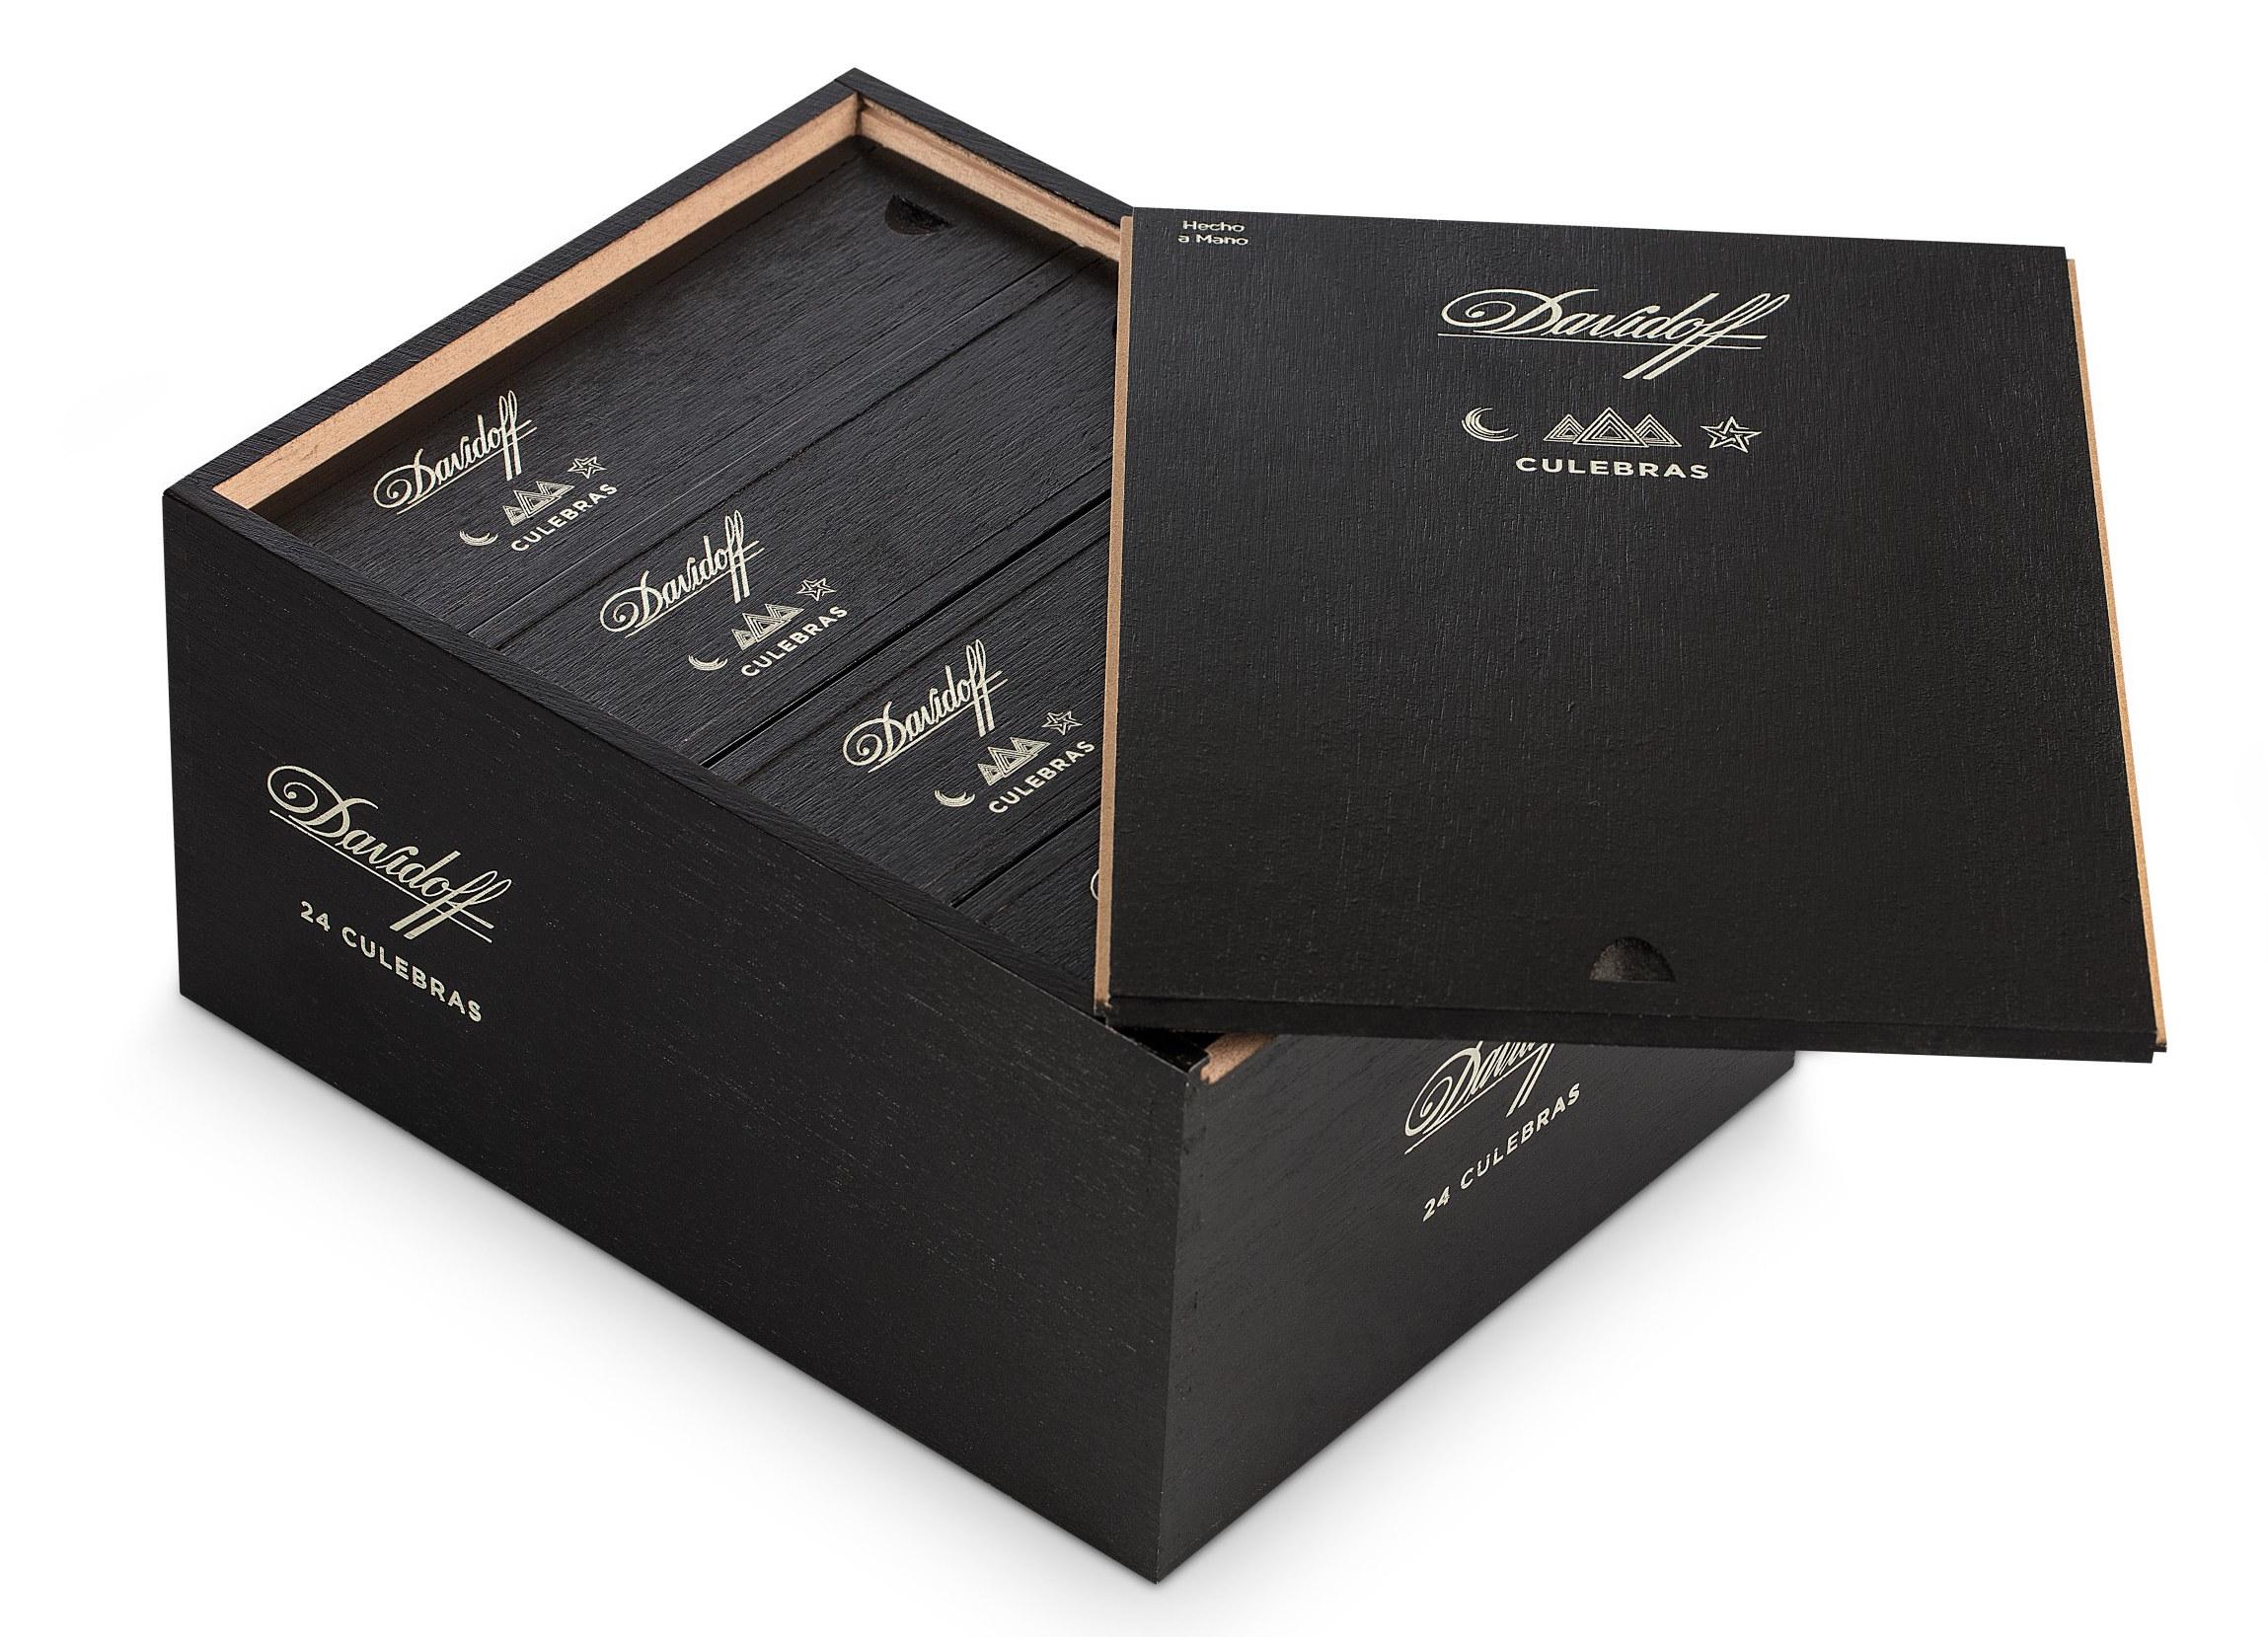 Davidoff Culebra Box